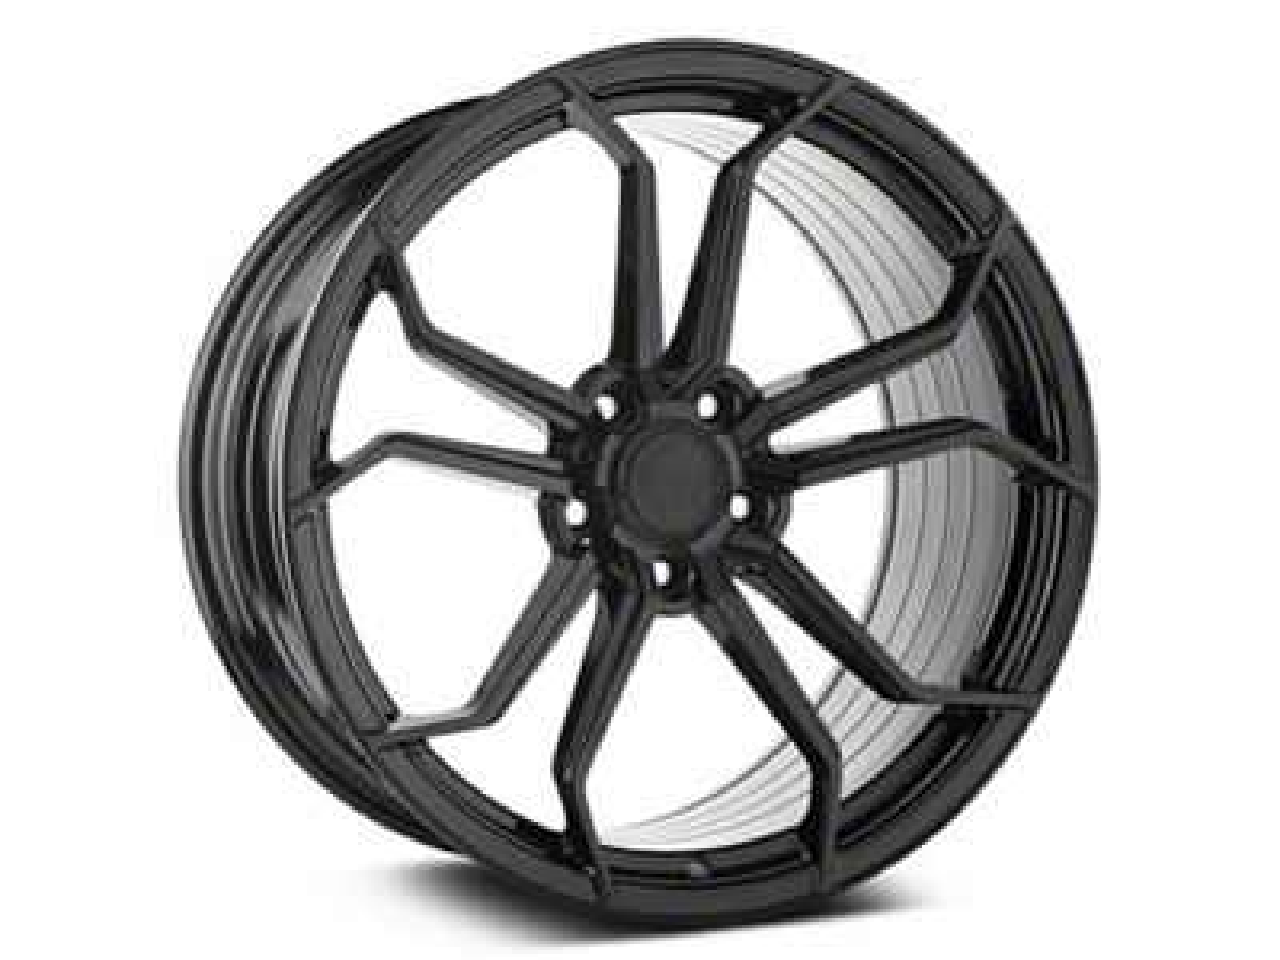 Avant Garde M632 Gloss Black Wheel - 20x11 - Rear Only (15-19 GT, EcoBoost, V6)